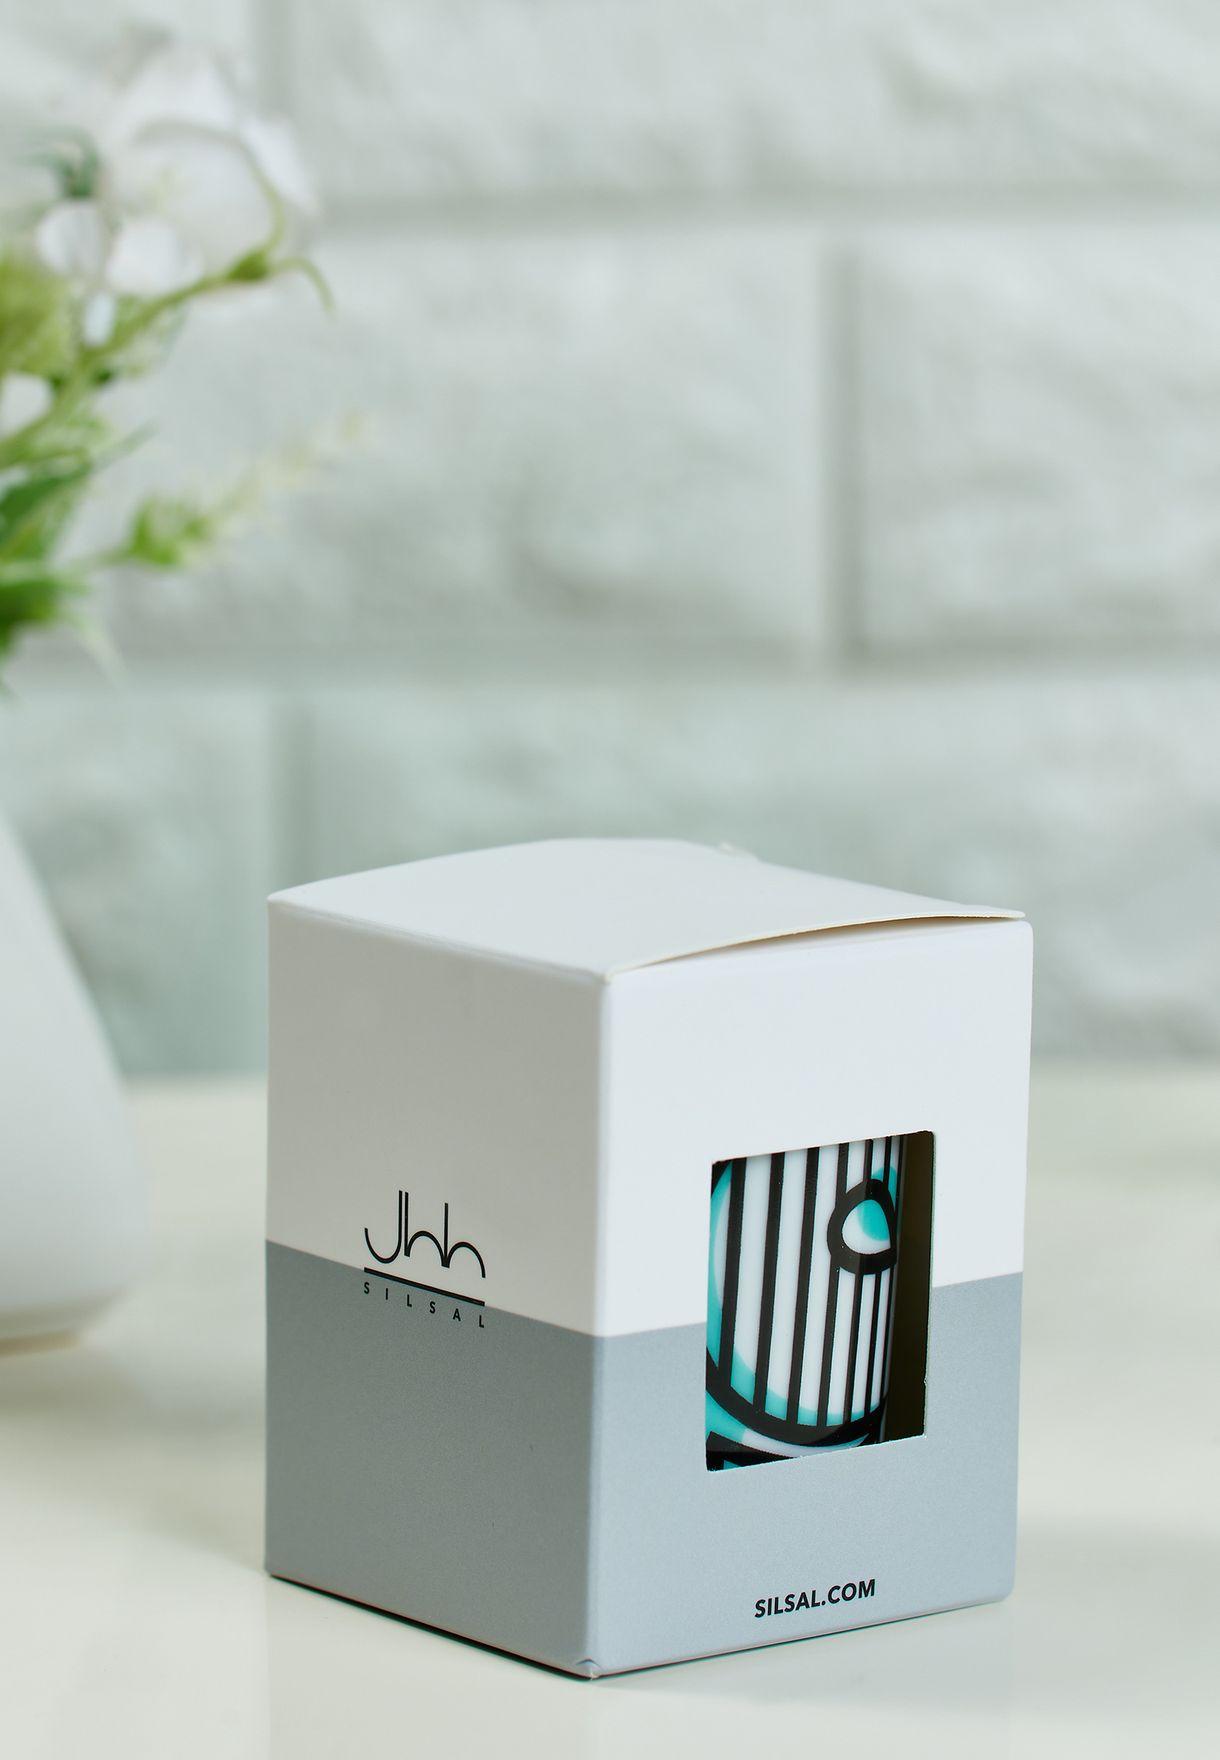 شمعة عطرية مزين بحرف (و) - 60 جم